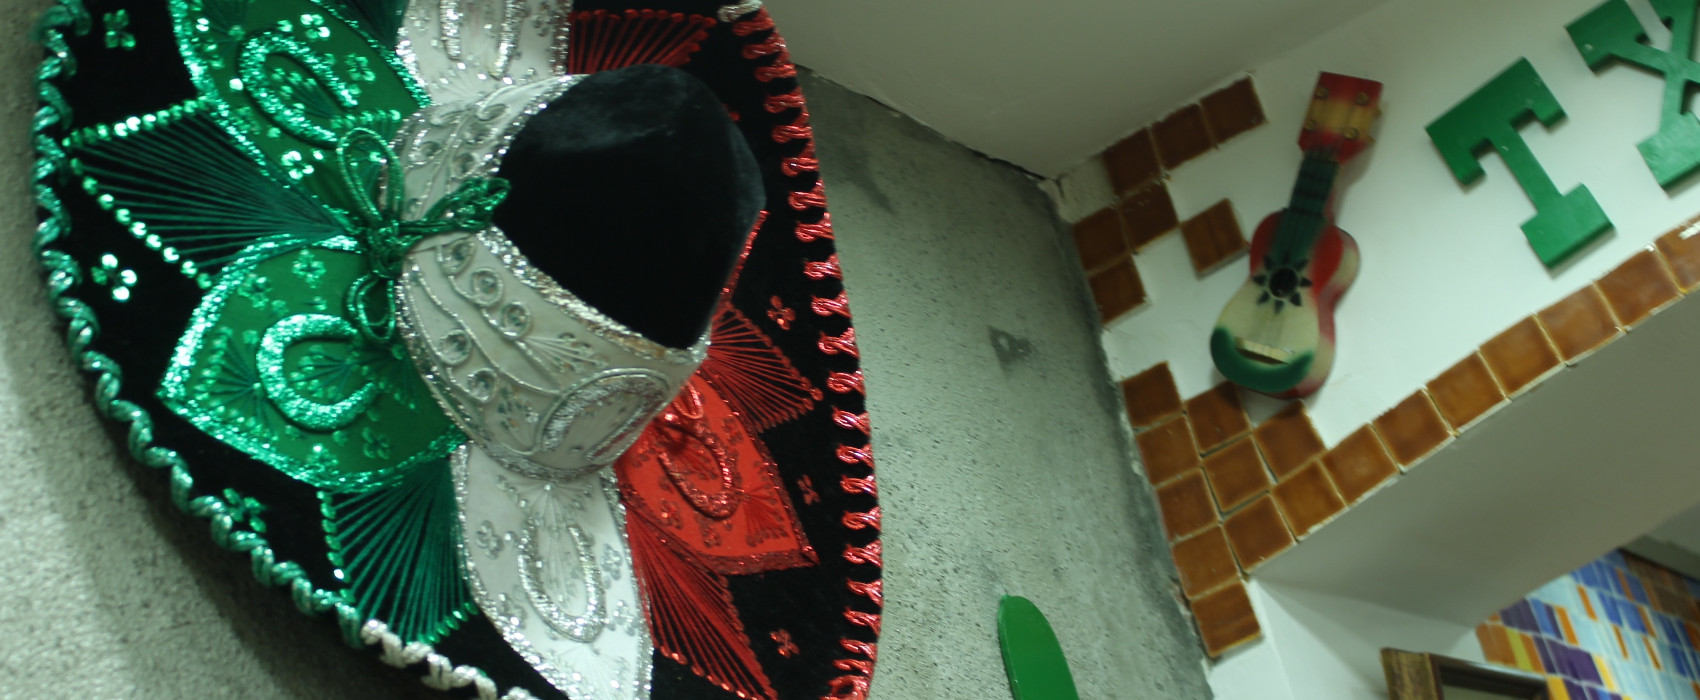 txokomex-takeria-bilbao-slides-006